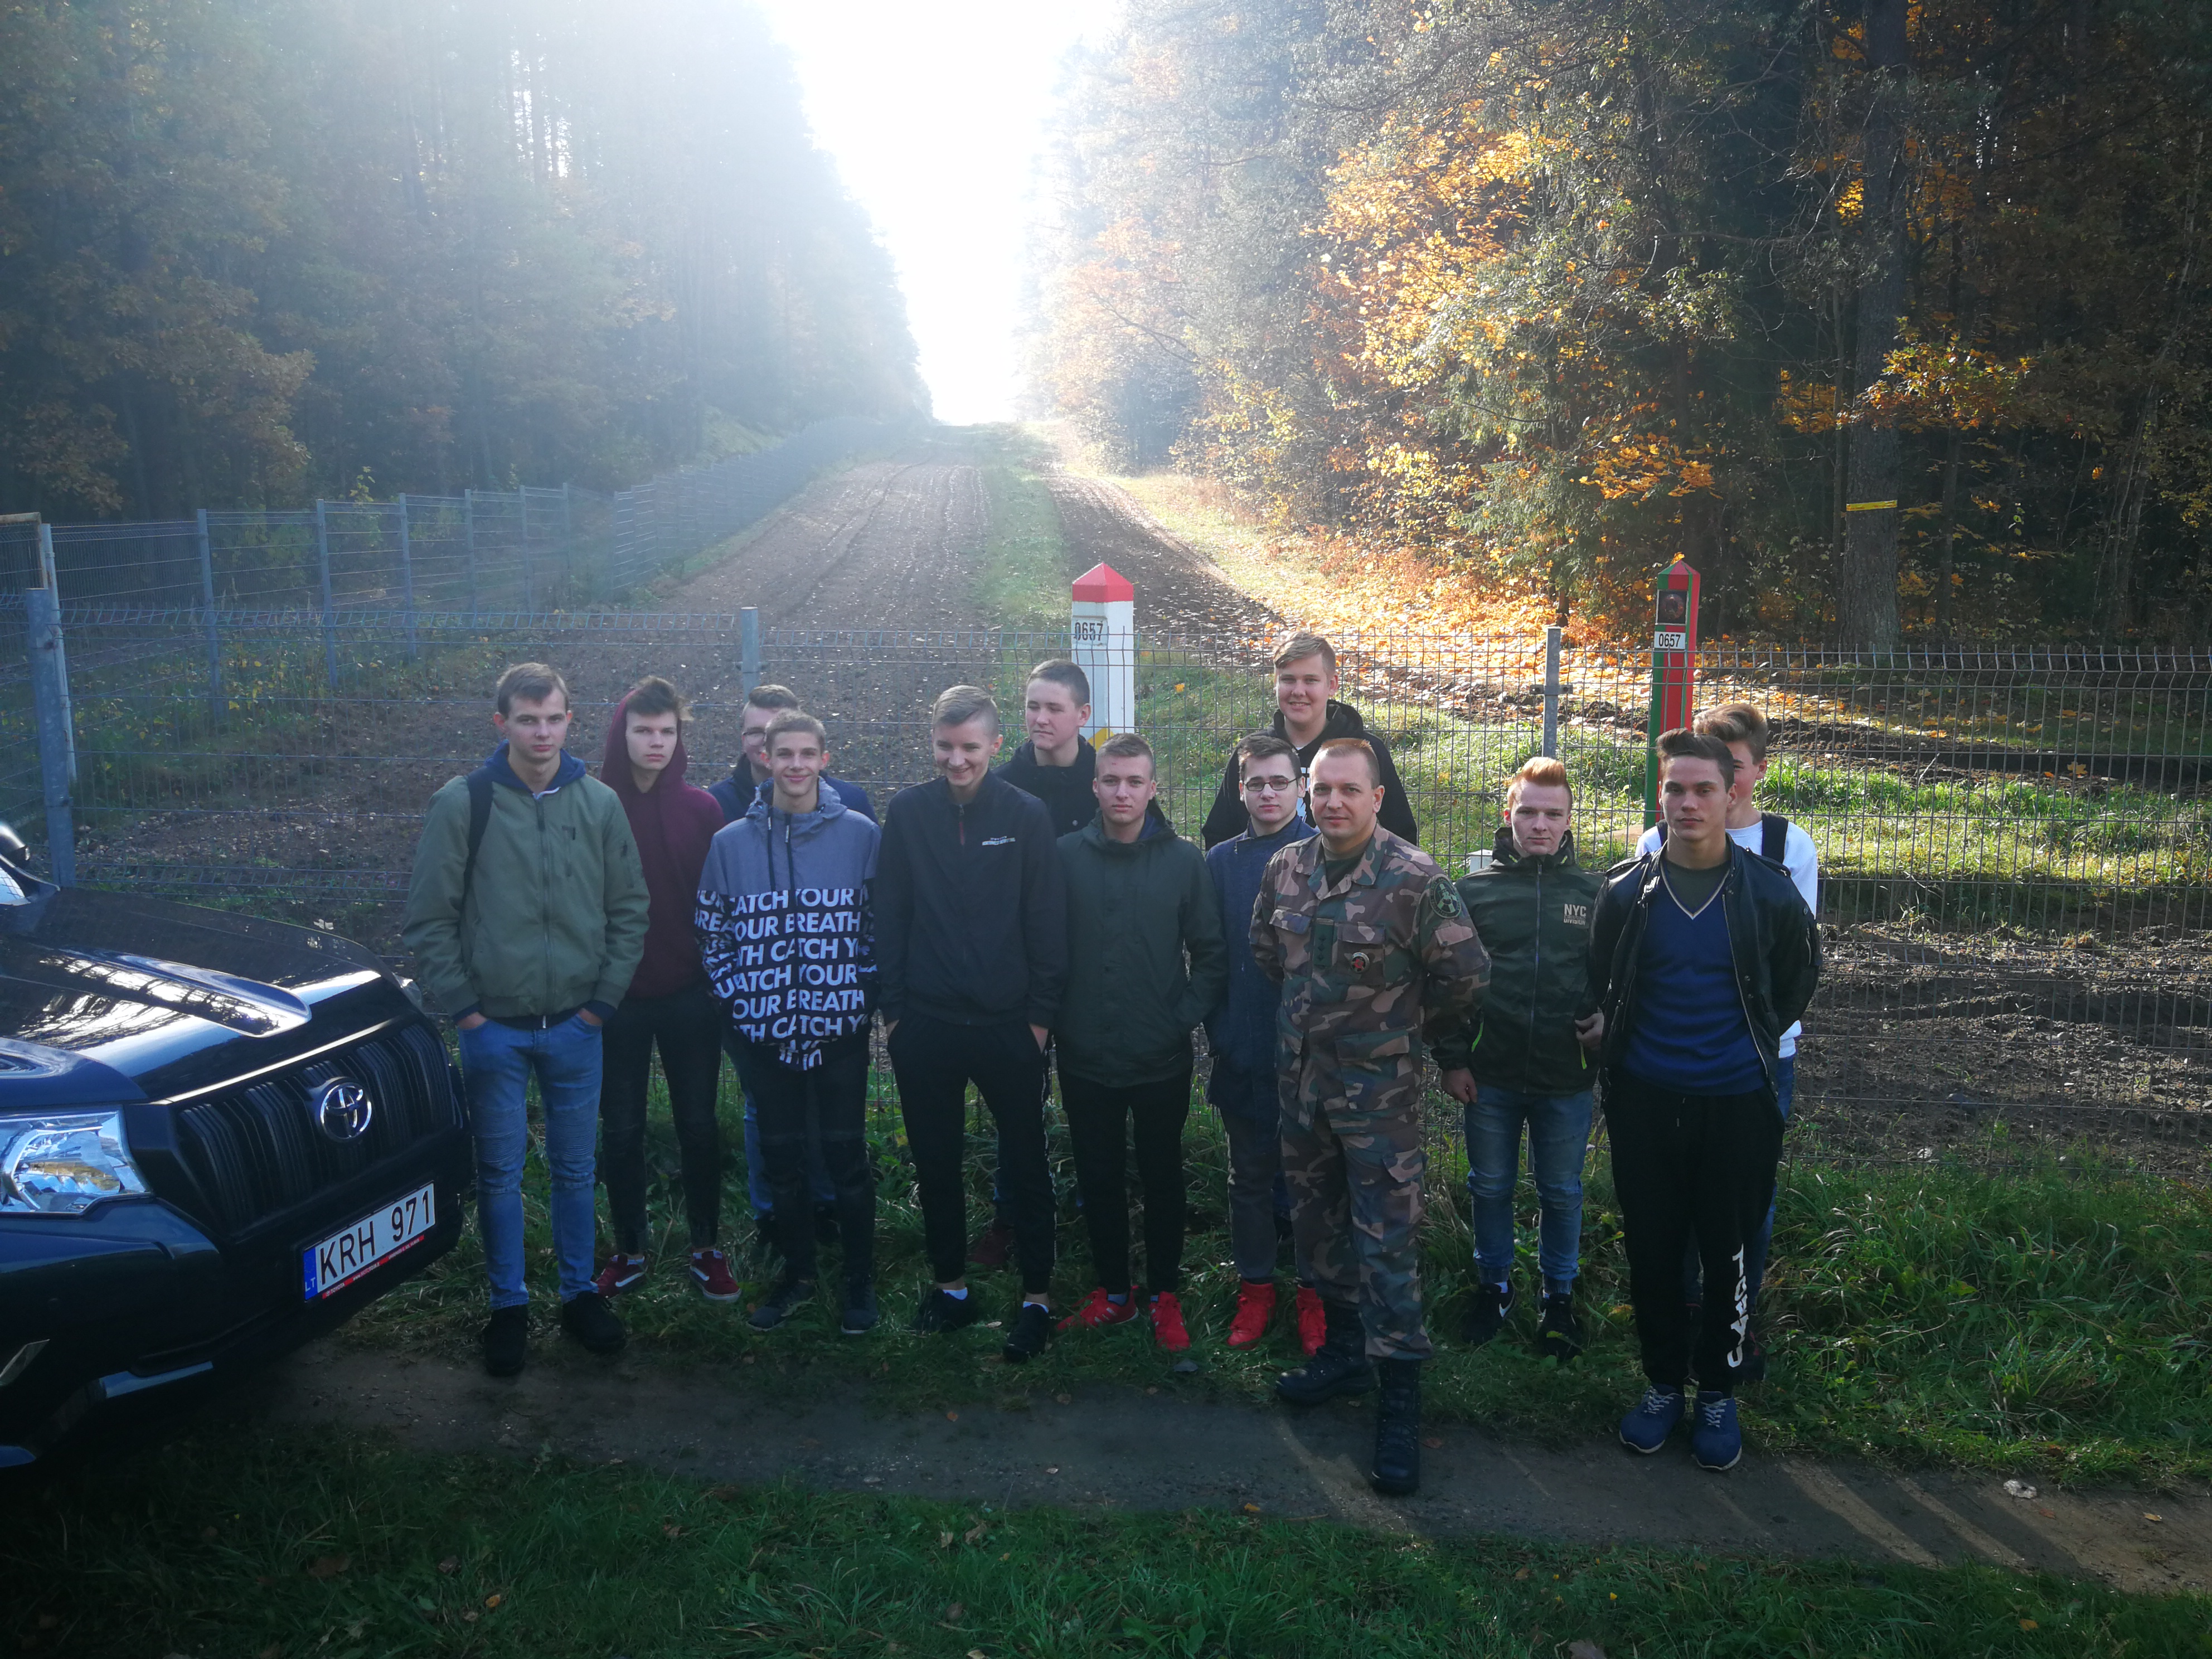 Mickūnų gimnazijos Jaunojo pasieniečio būrelio nariai lankėsi Gintaro Žagunio pasienio užkardoje